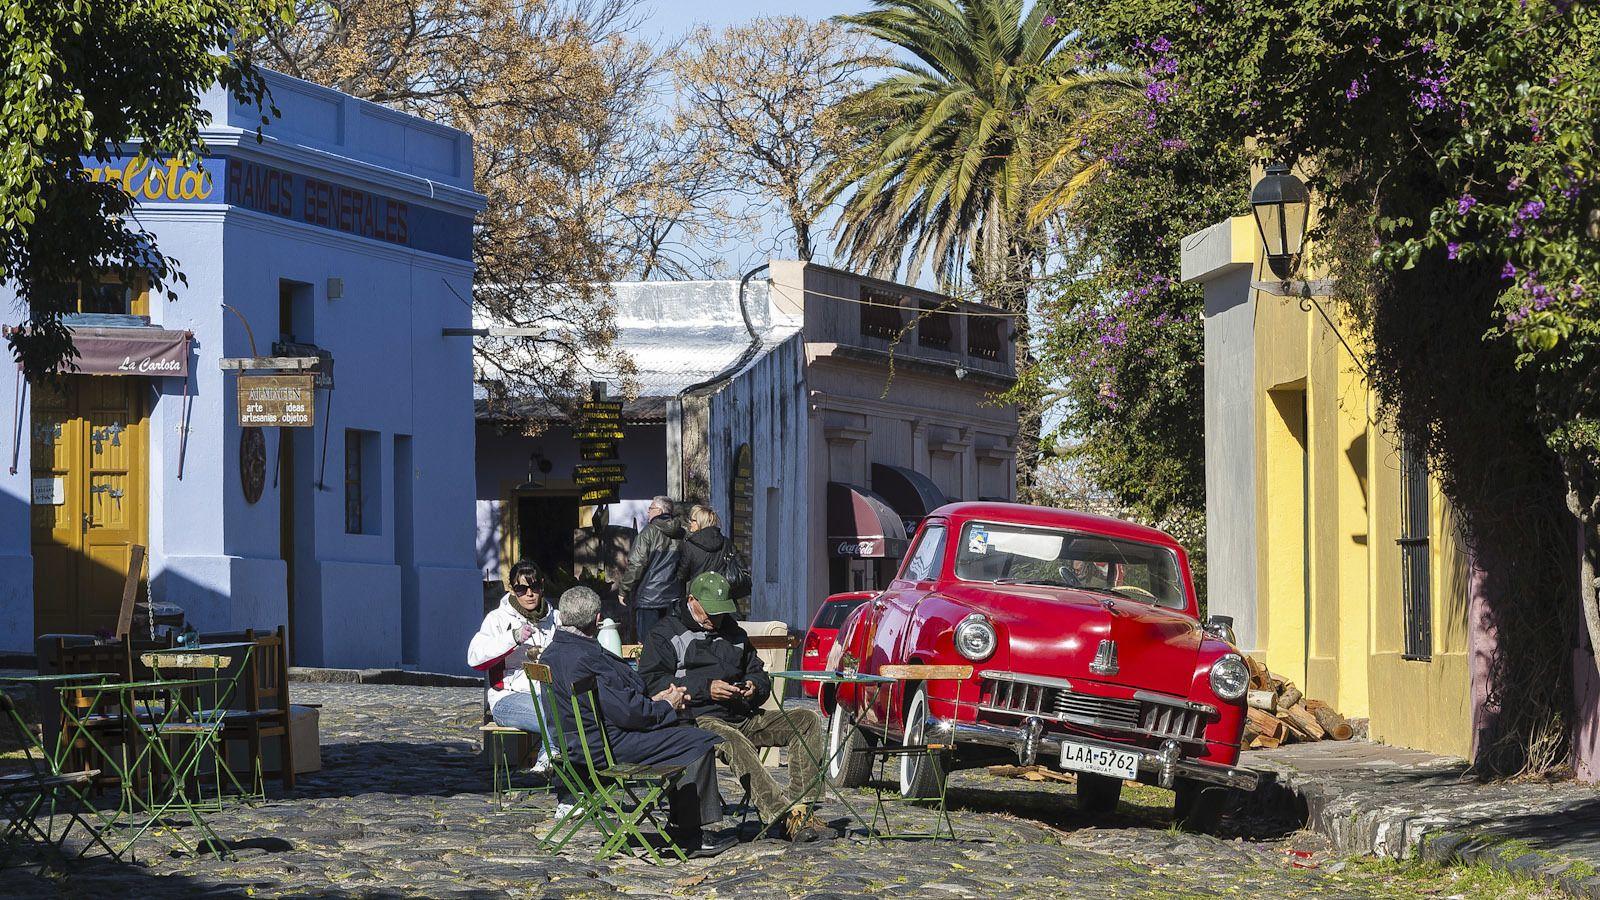 colonia-del-sacramento-Uruguay.jpg